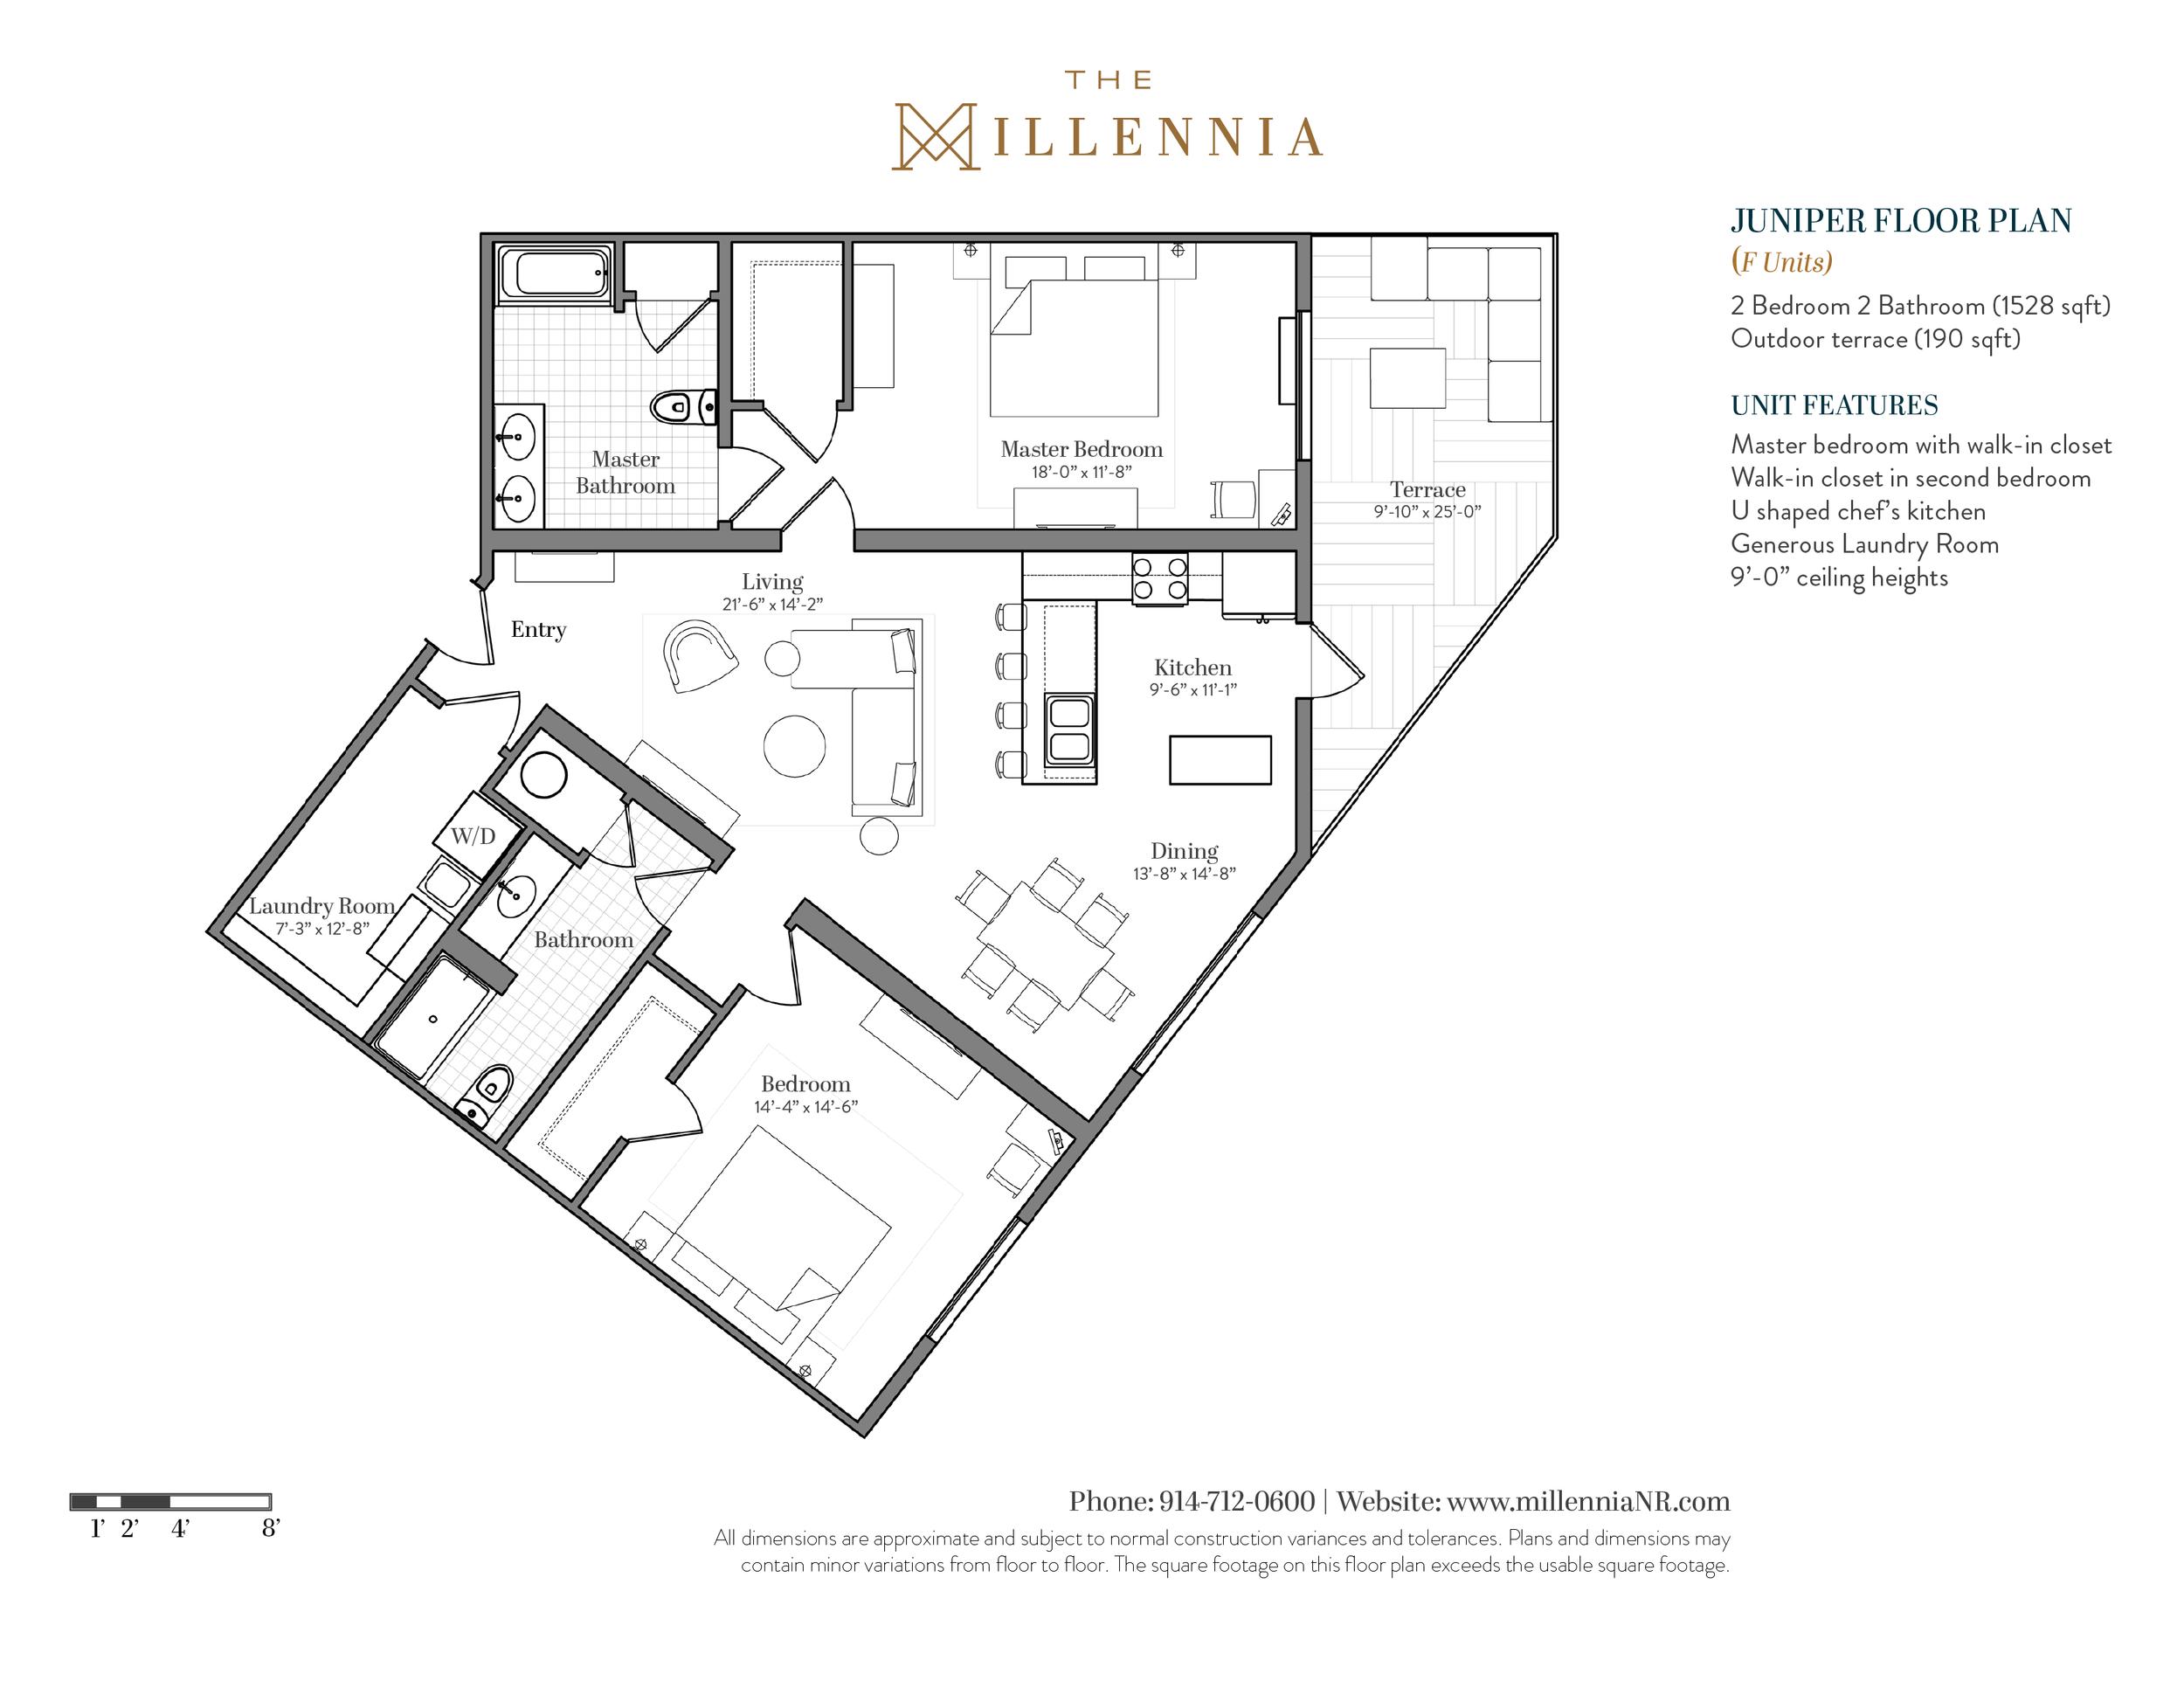 Millennia_Floorplans_Juniper.png